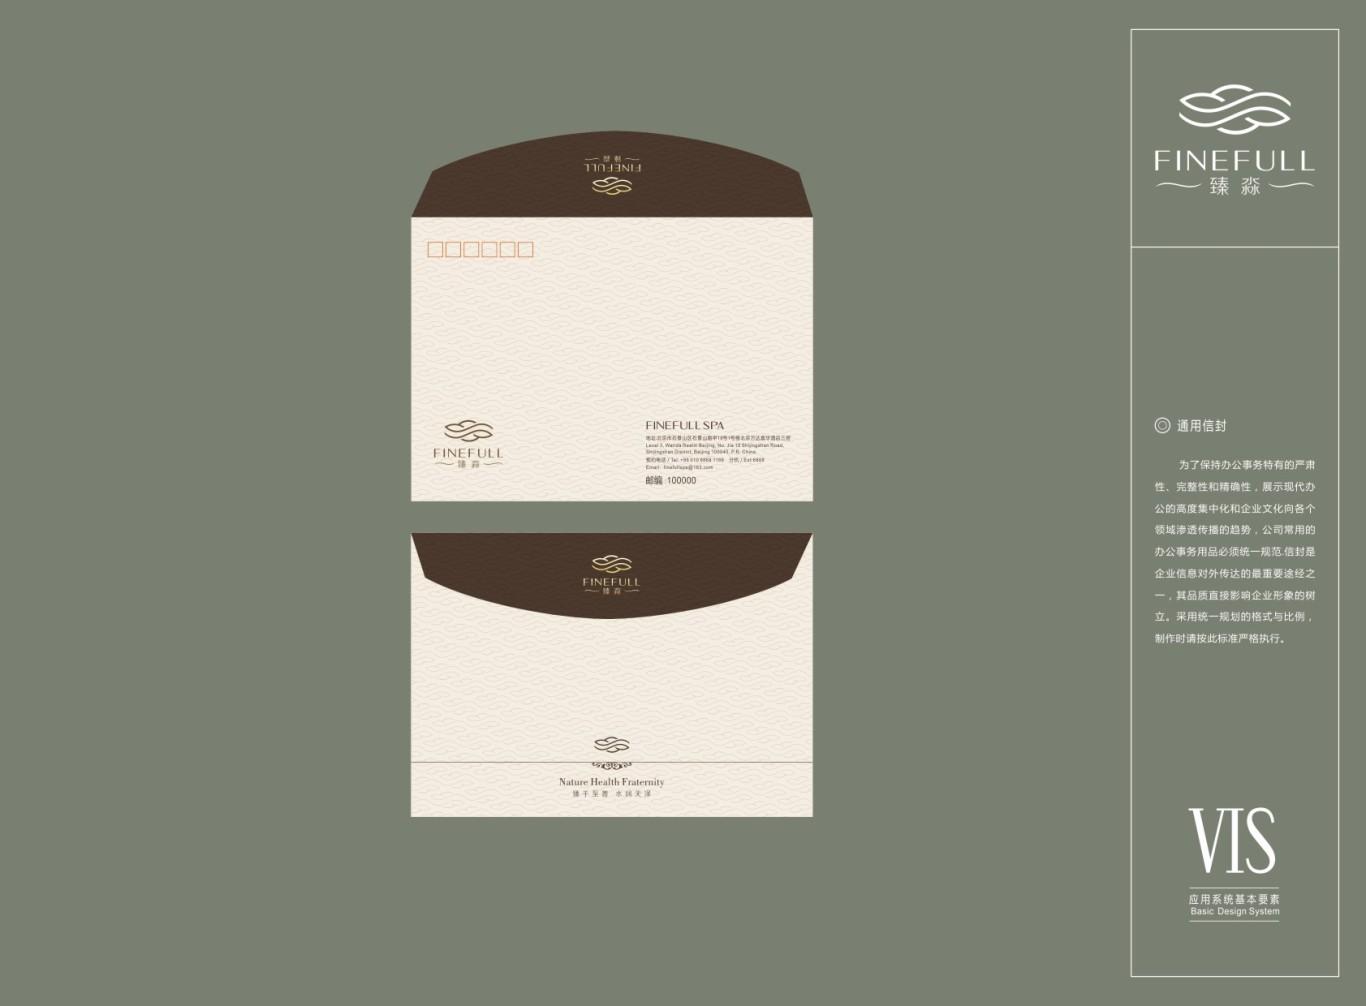 北京五星级FINEFULL-SPA水疗中心标志及VI设计图17